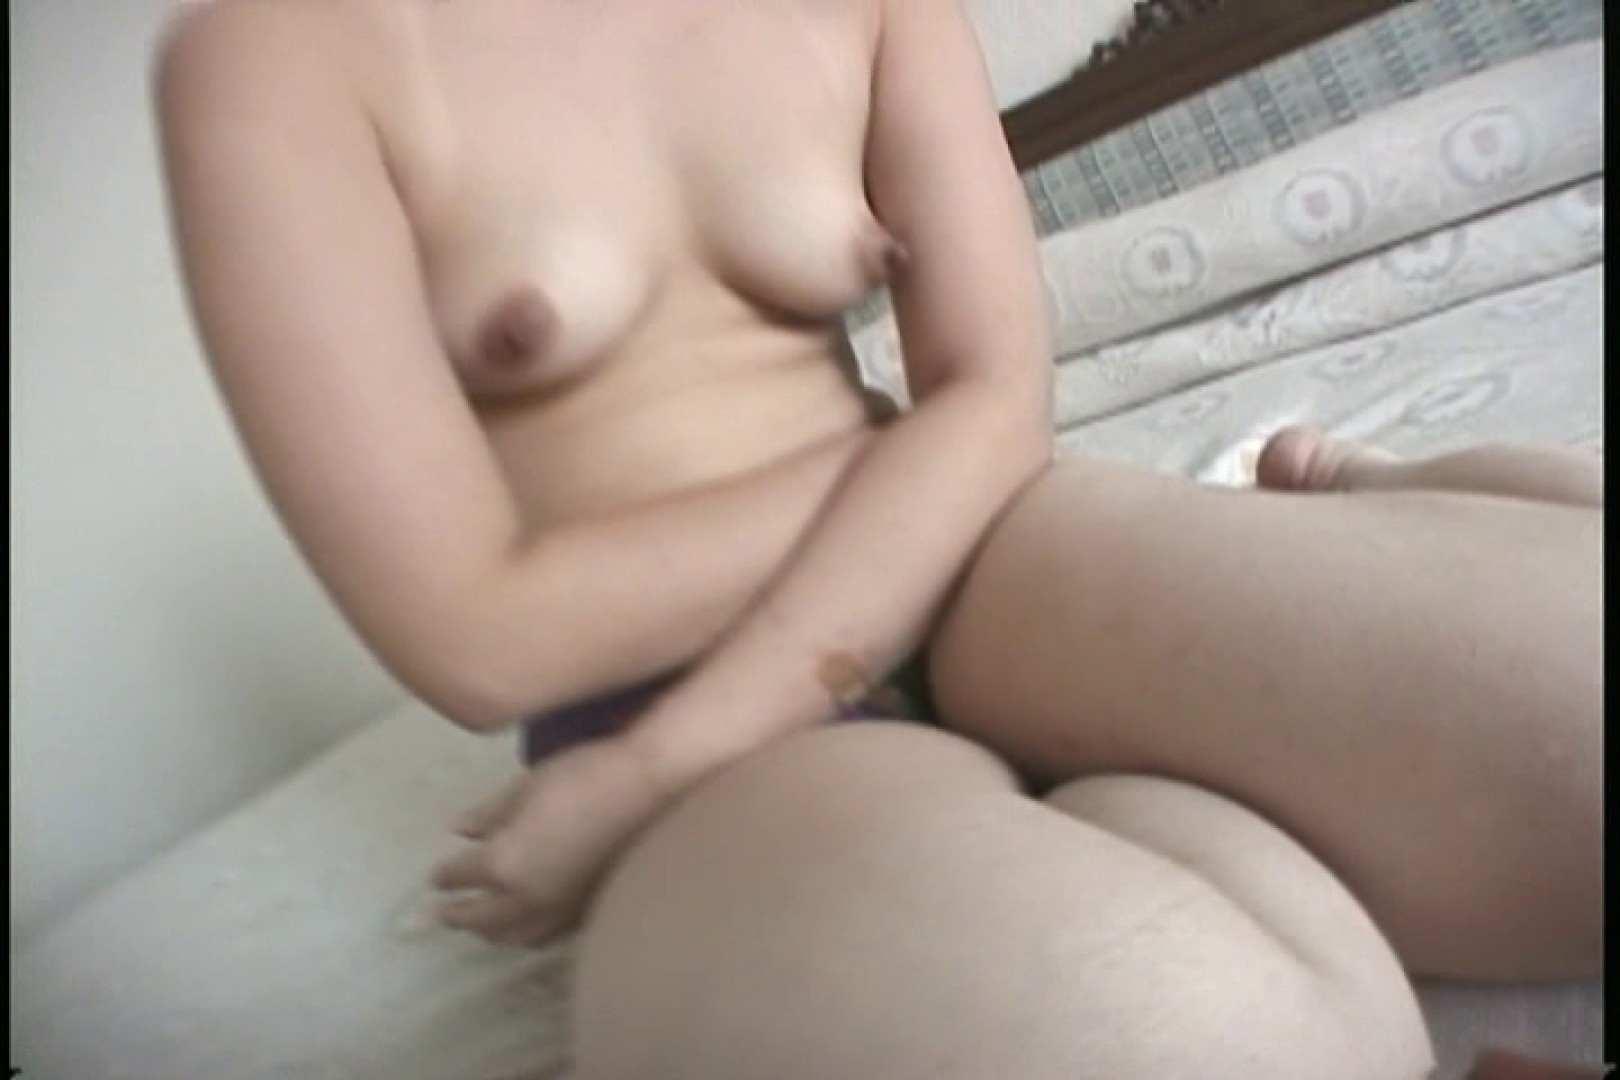 初めてのビデオ撮影に緊張する素人OLとセックス~武田じゅん~ オナニーし放題   綺麗なおっぱい  98pic 60